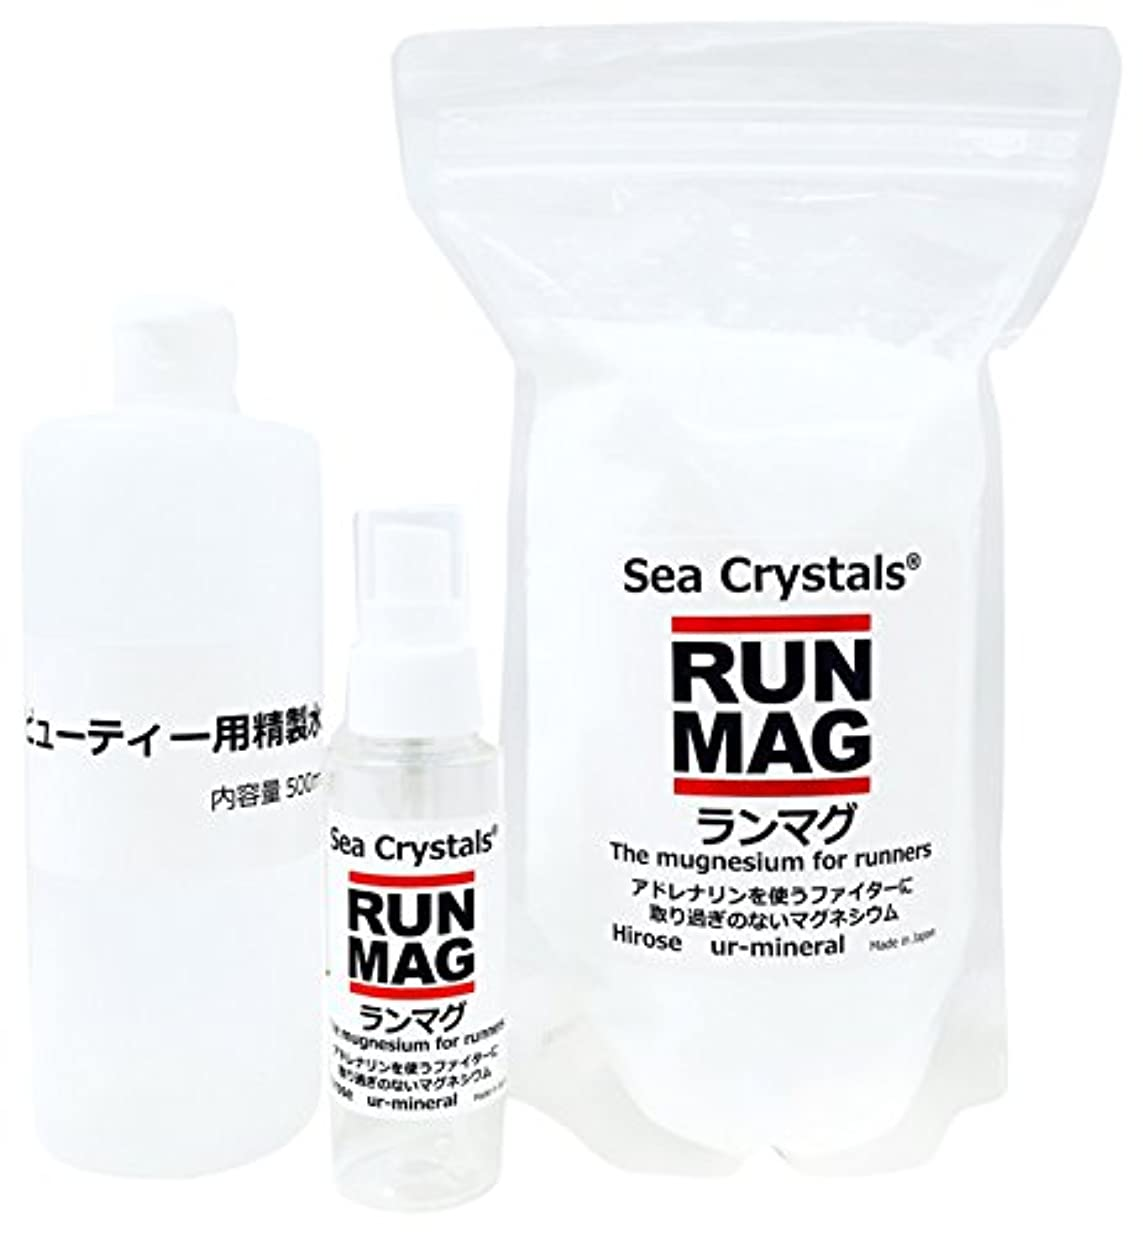 消費排泄する地下室ランマグ?マグネシウムオイル 500g 化粧品登録 日本製 1日マグネシウム360mg使用  精製水付き